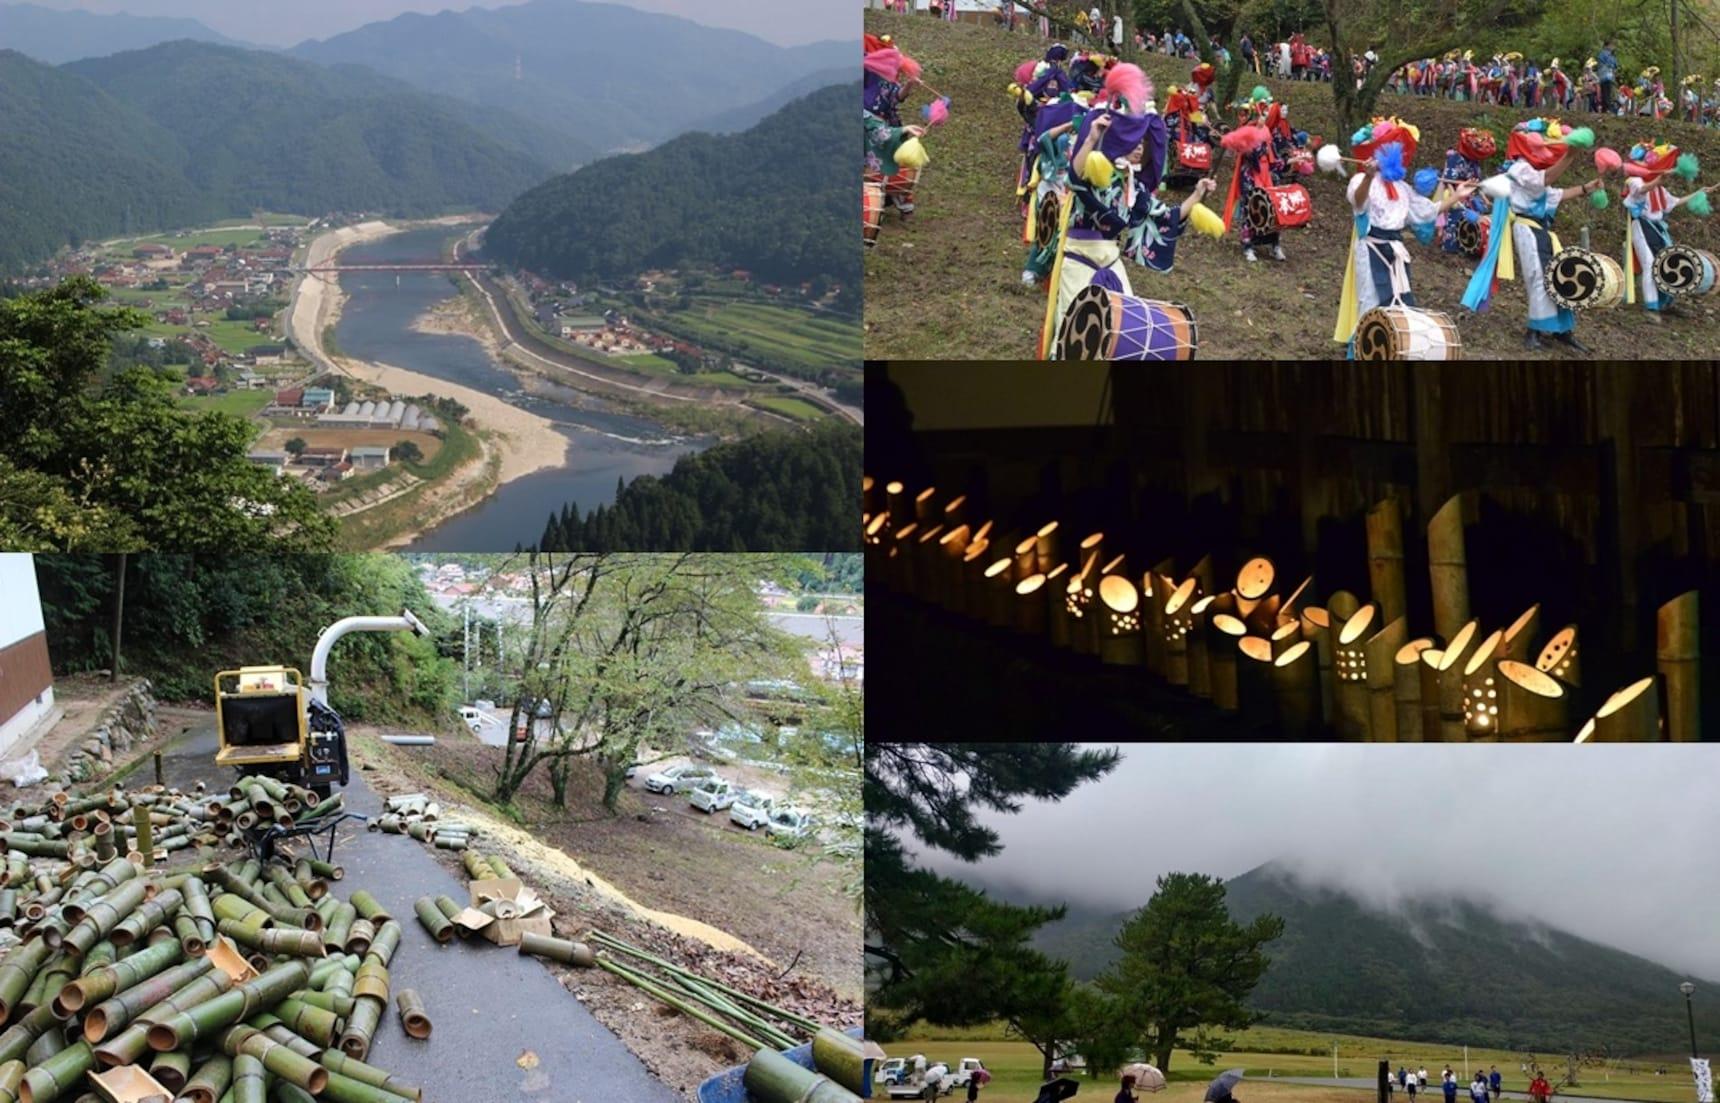 ประสบการณ์อาสาสมัครนานาชาติที่ จ.ชิมาเนะ